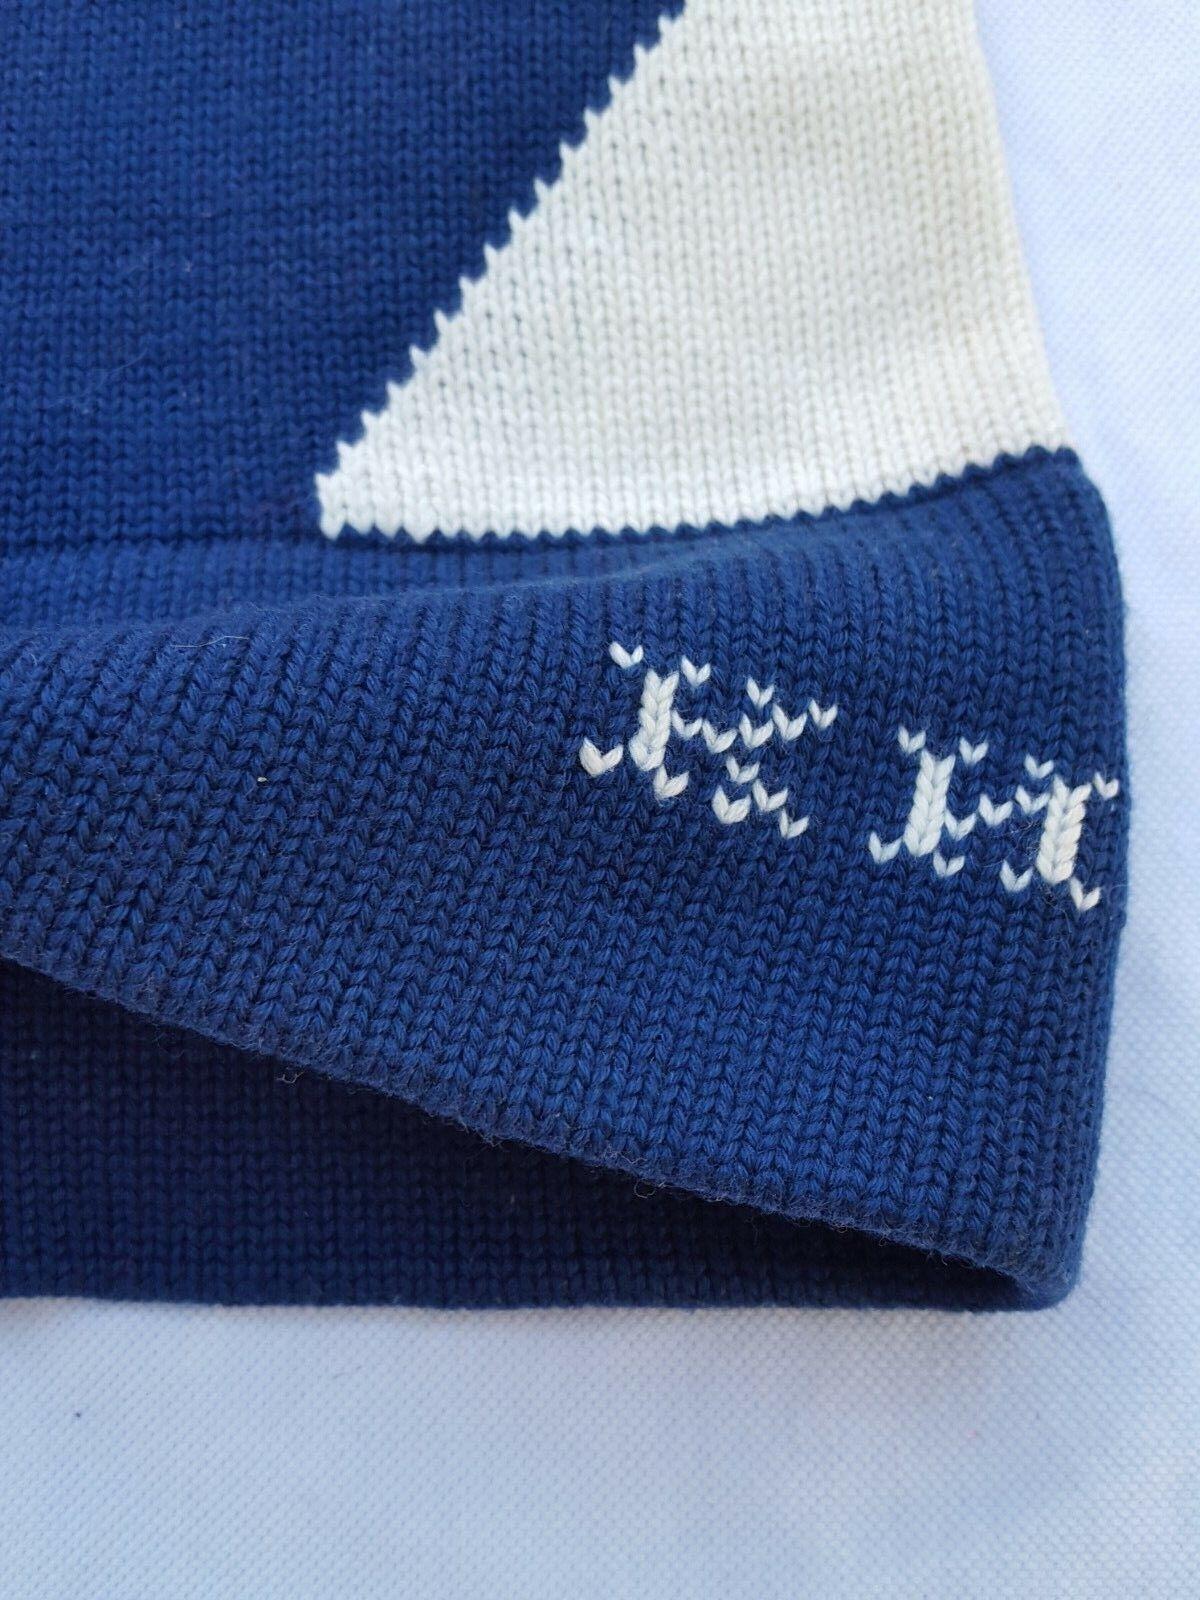 Bonnet de ski kheb bleu blanc rouge vintage  beanie hat cap ski surf snow casual